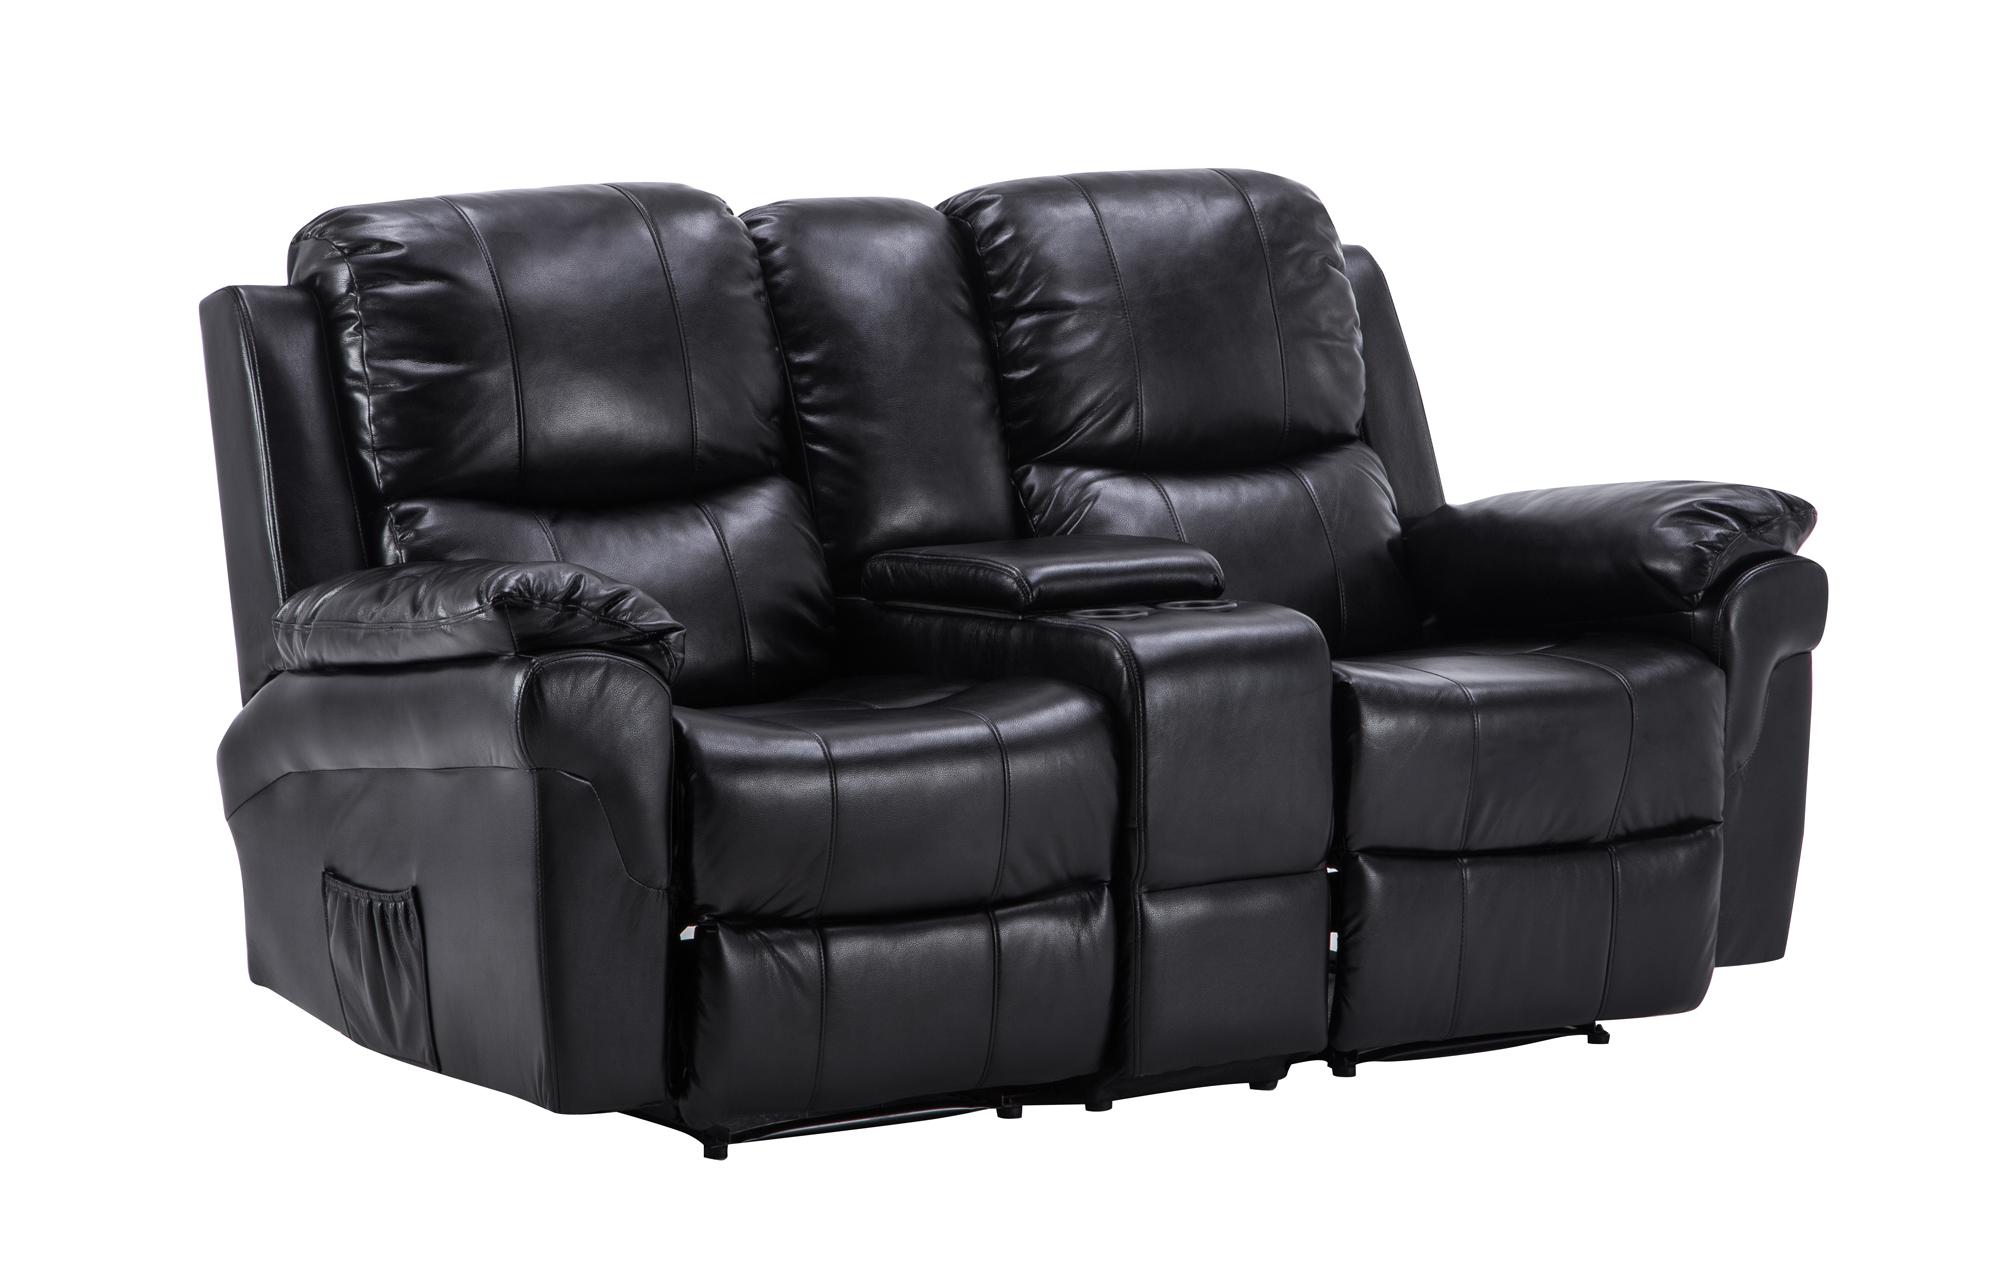 Full Size of Heimkino Sofa Test Kaufen Xora 3 Sitzer Heimkino Sofa Lederlook Schwarz Himolla Couch Elektrisch Elektrischer Relaxfunktion Relaxsofa Fernsehsofa Recliner Sofa Heimkino Sofa